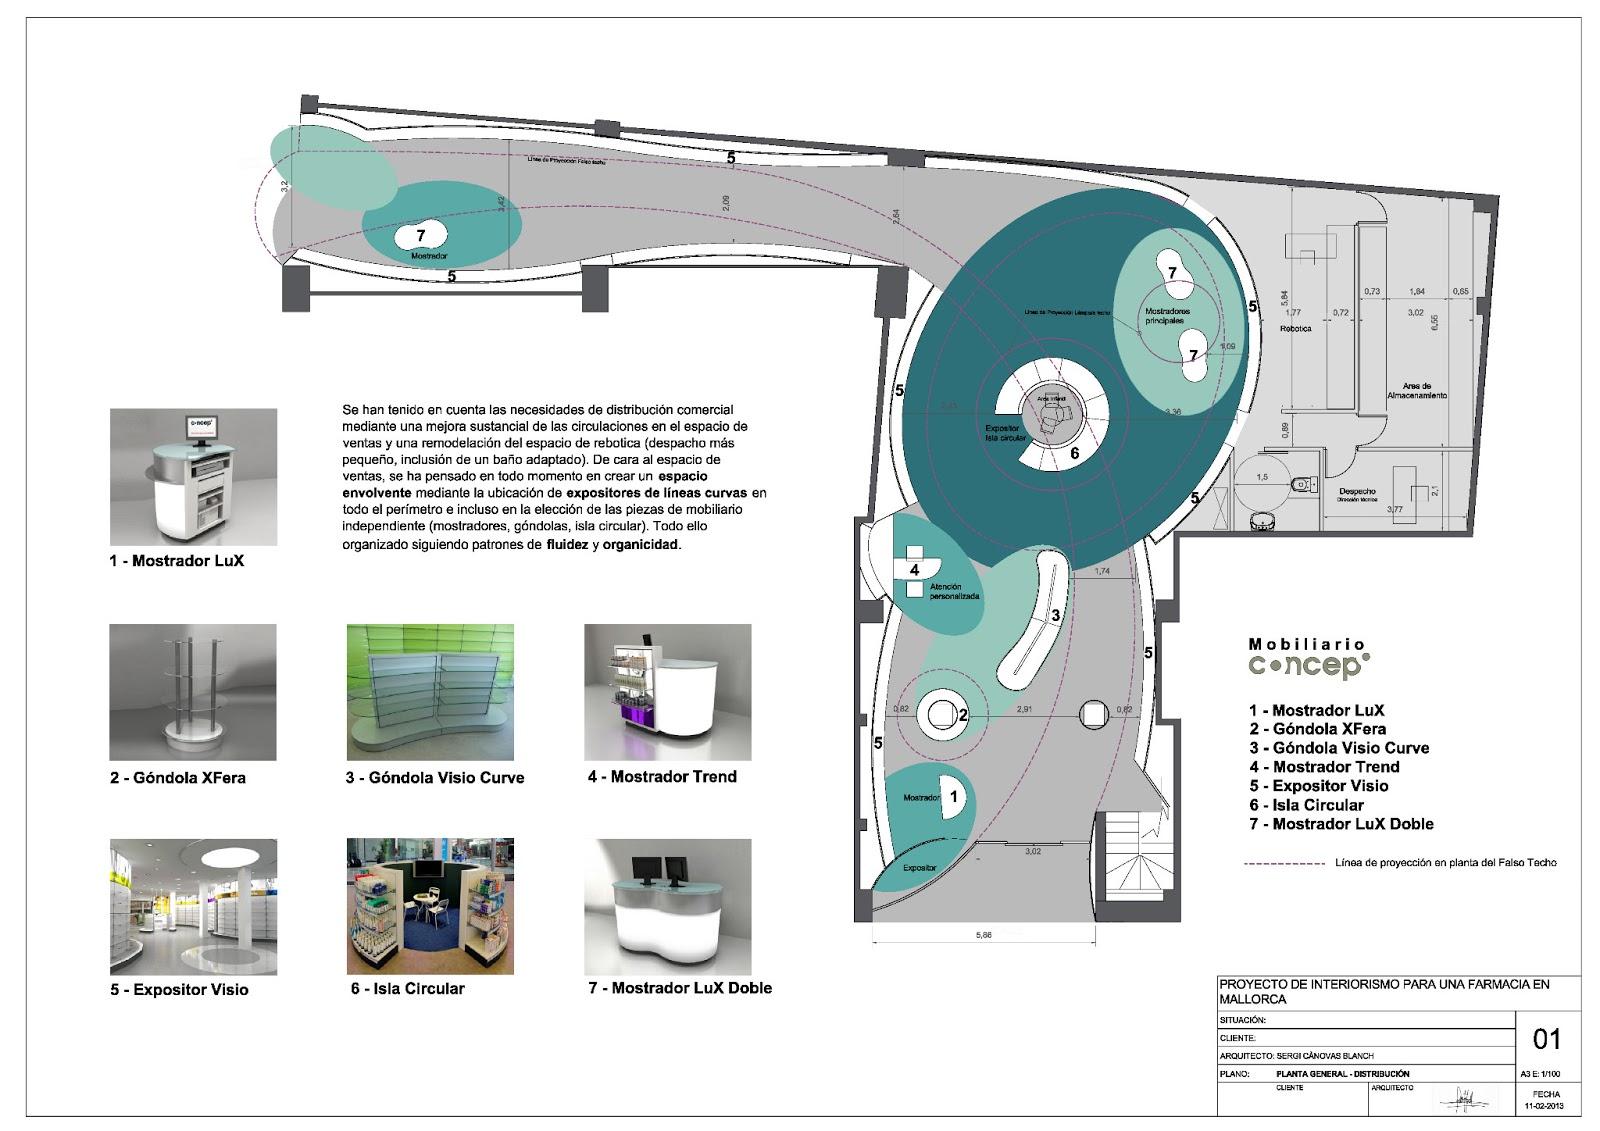 Proyecto de interiorismo para un farmacia n o o s f e r for Programas de interiorismo